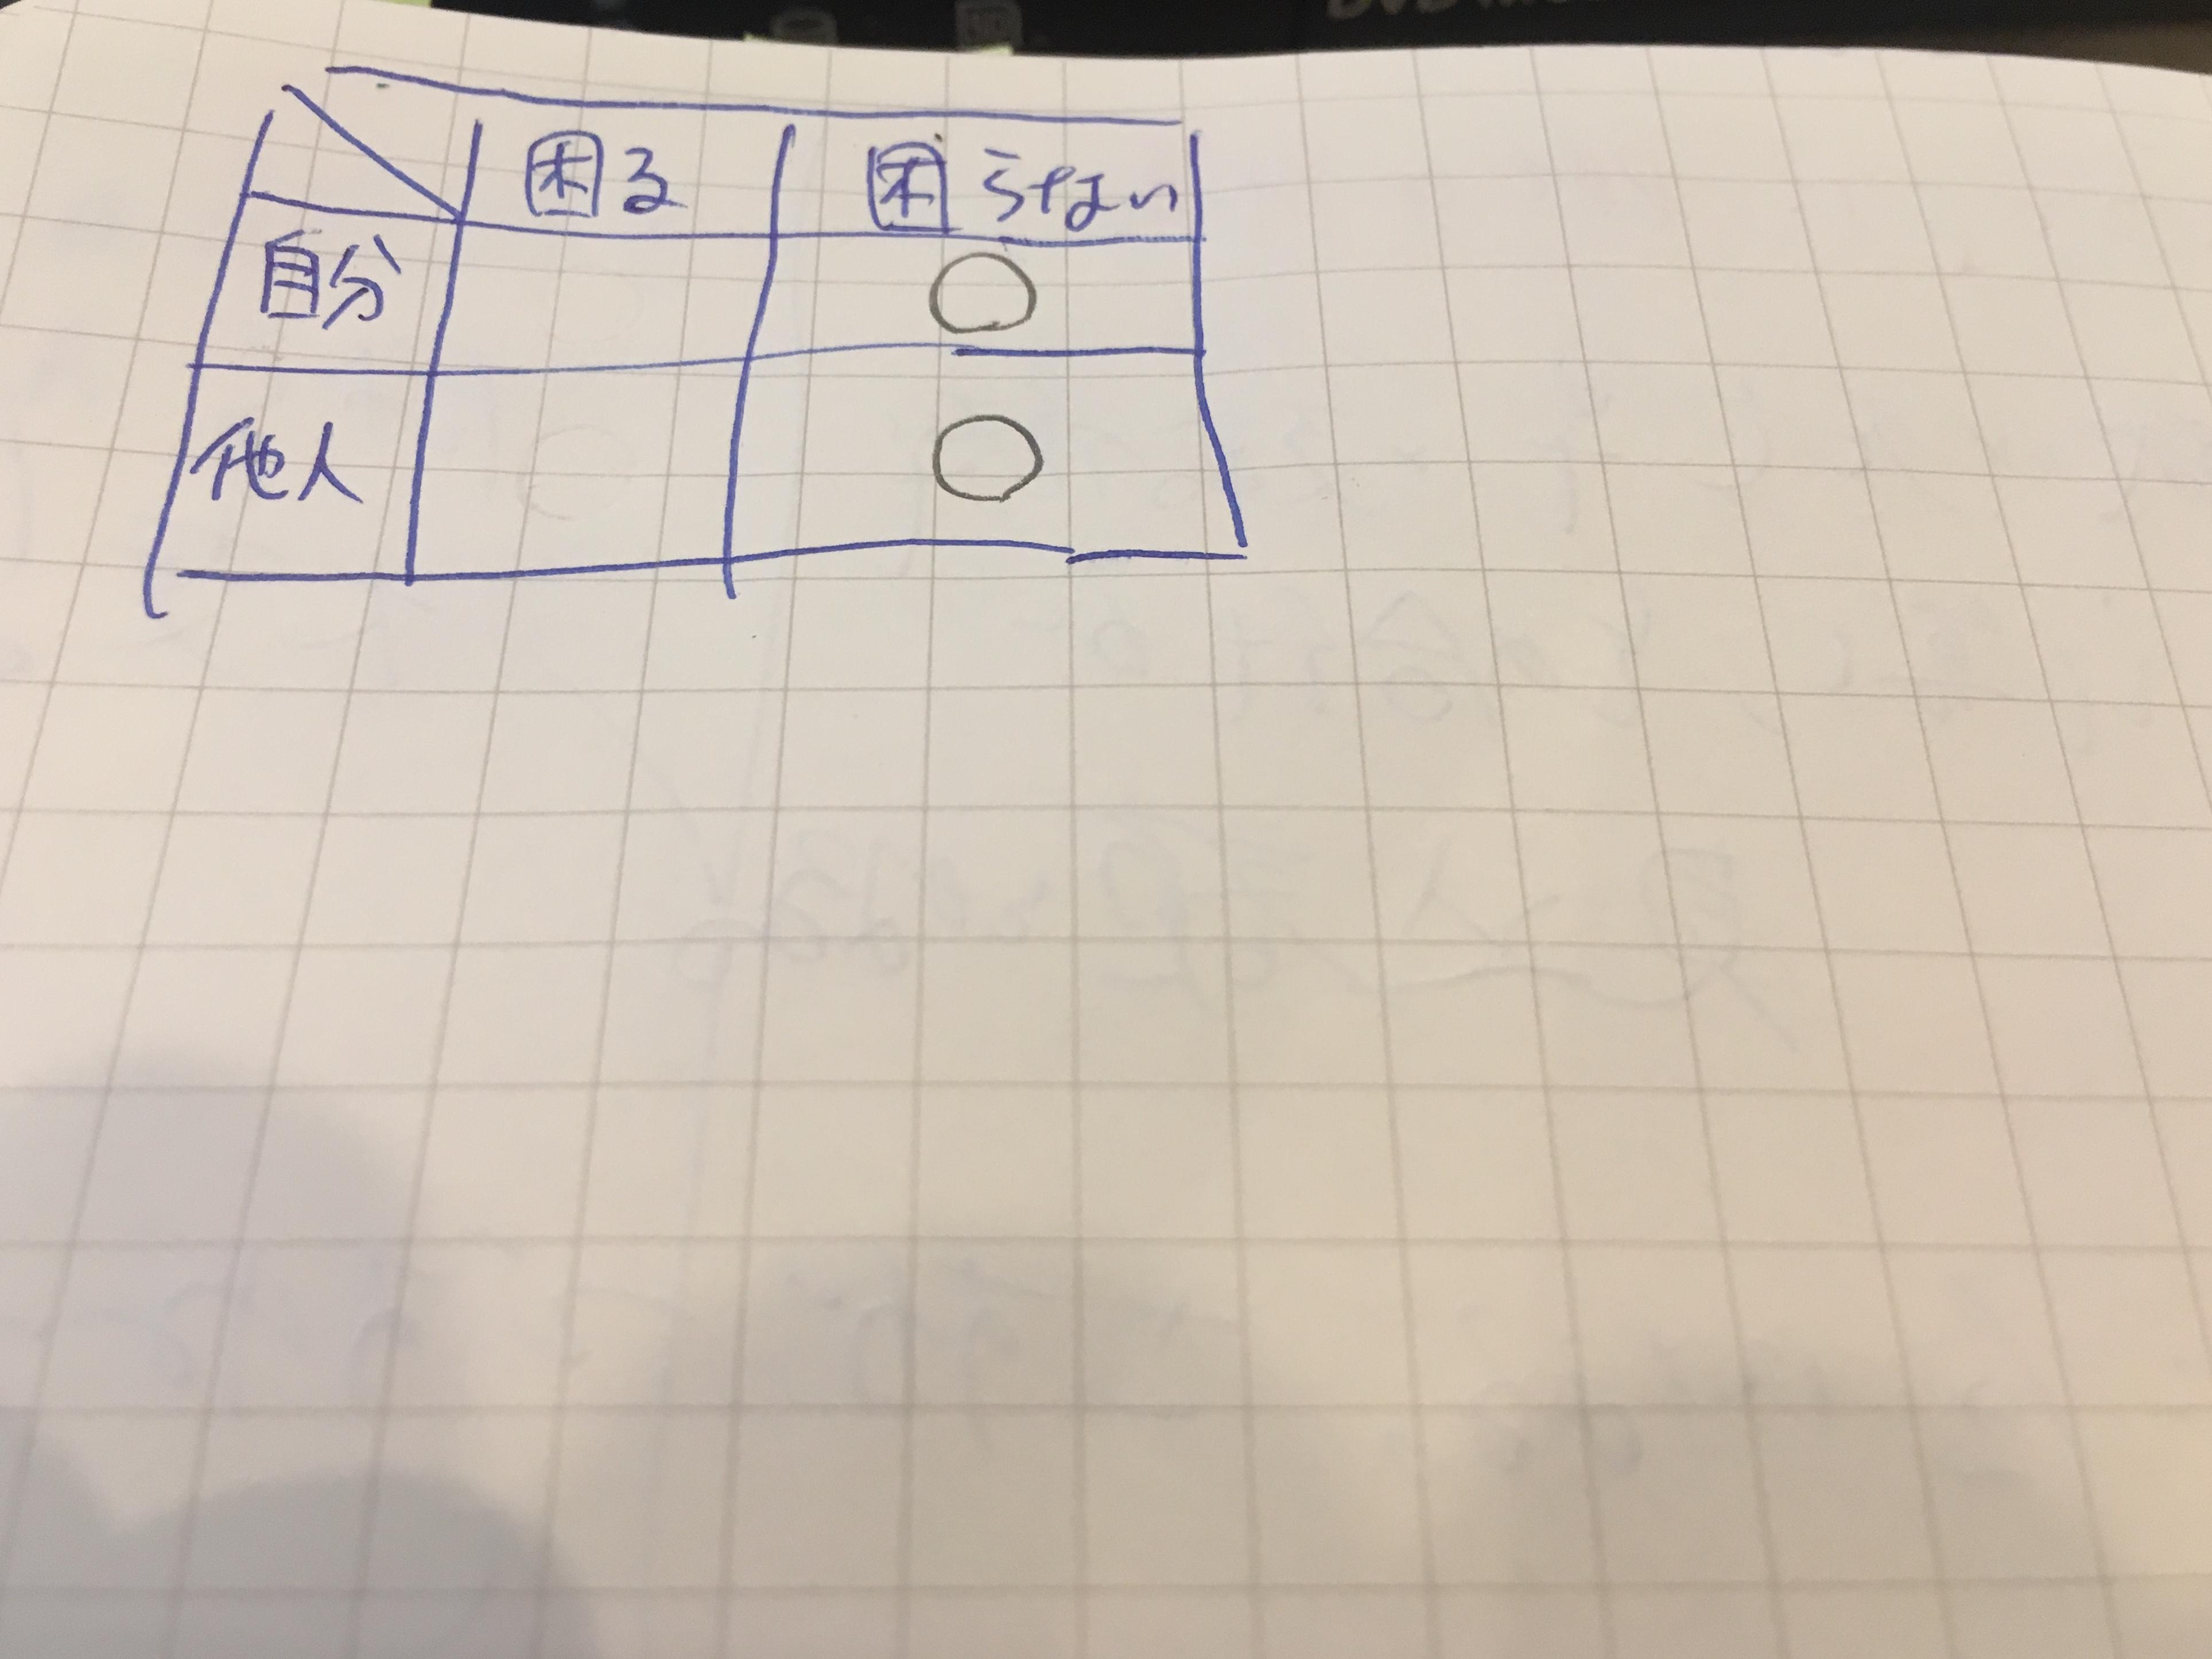 第Ⅱ領域を第Ⅰ領域化するための効果的な方法を3つ考えてみたけど、究極的には方法は1つ!